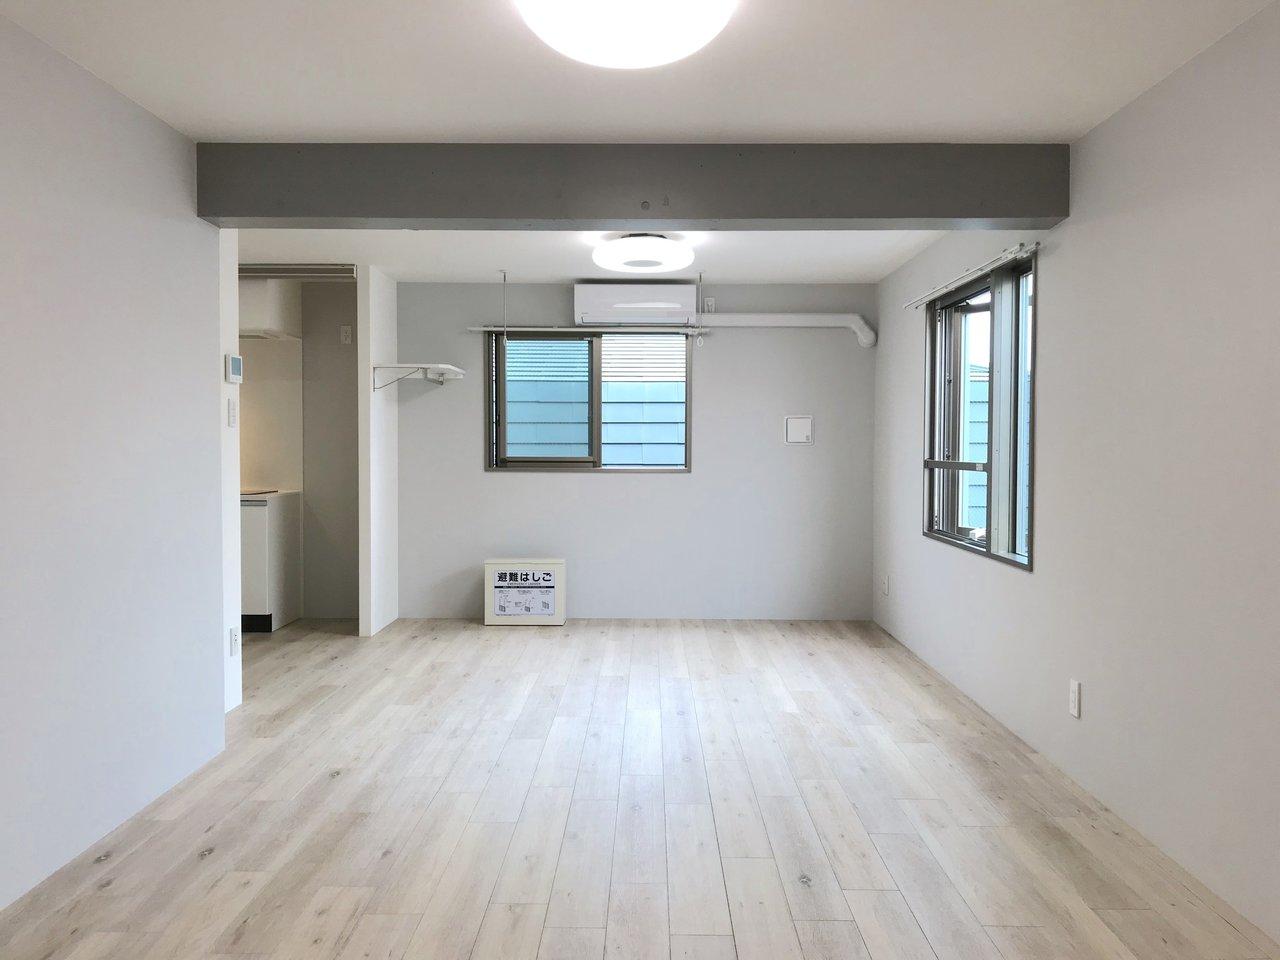 東急東横線の人気駅のひとつ、都立大学駅から徒歩4分のお部屋。広々とした17.8畳のリビングがある、ワンルーム物件です。